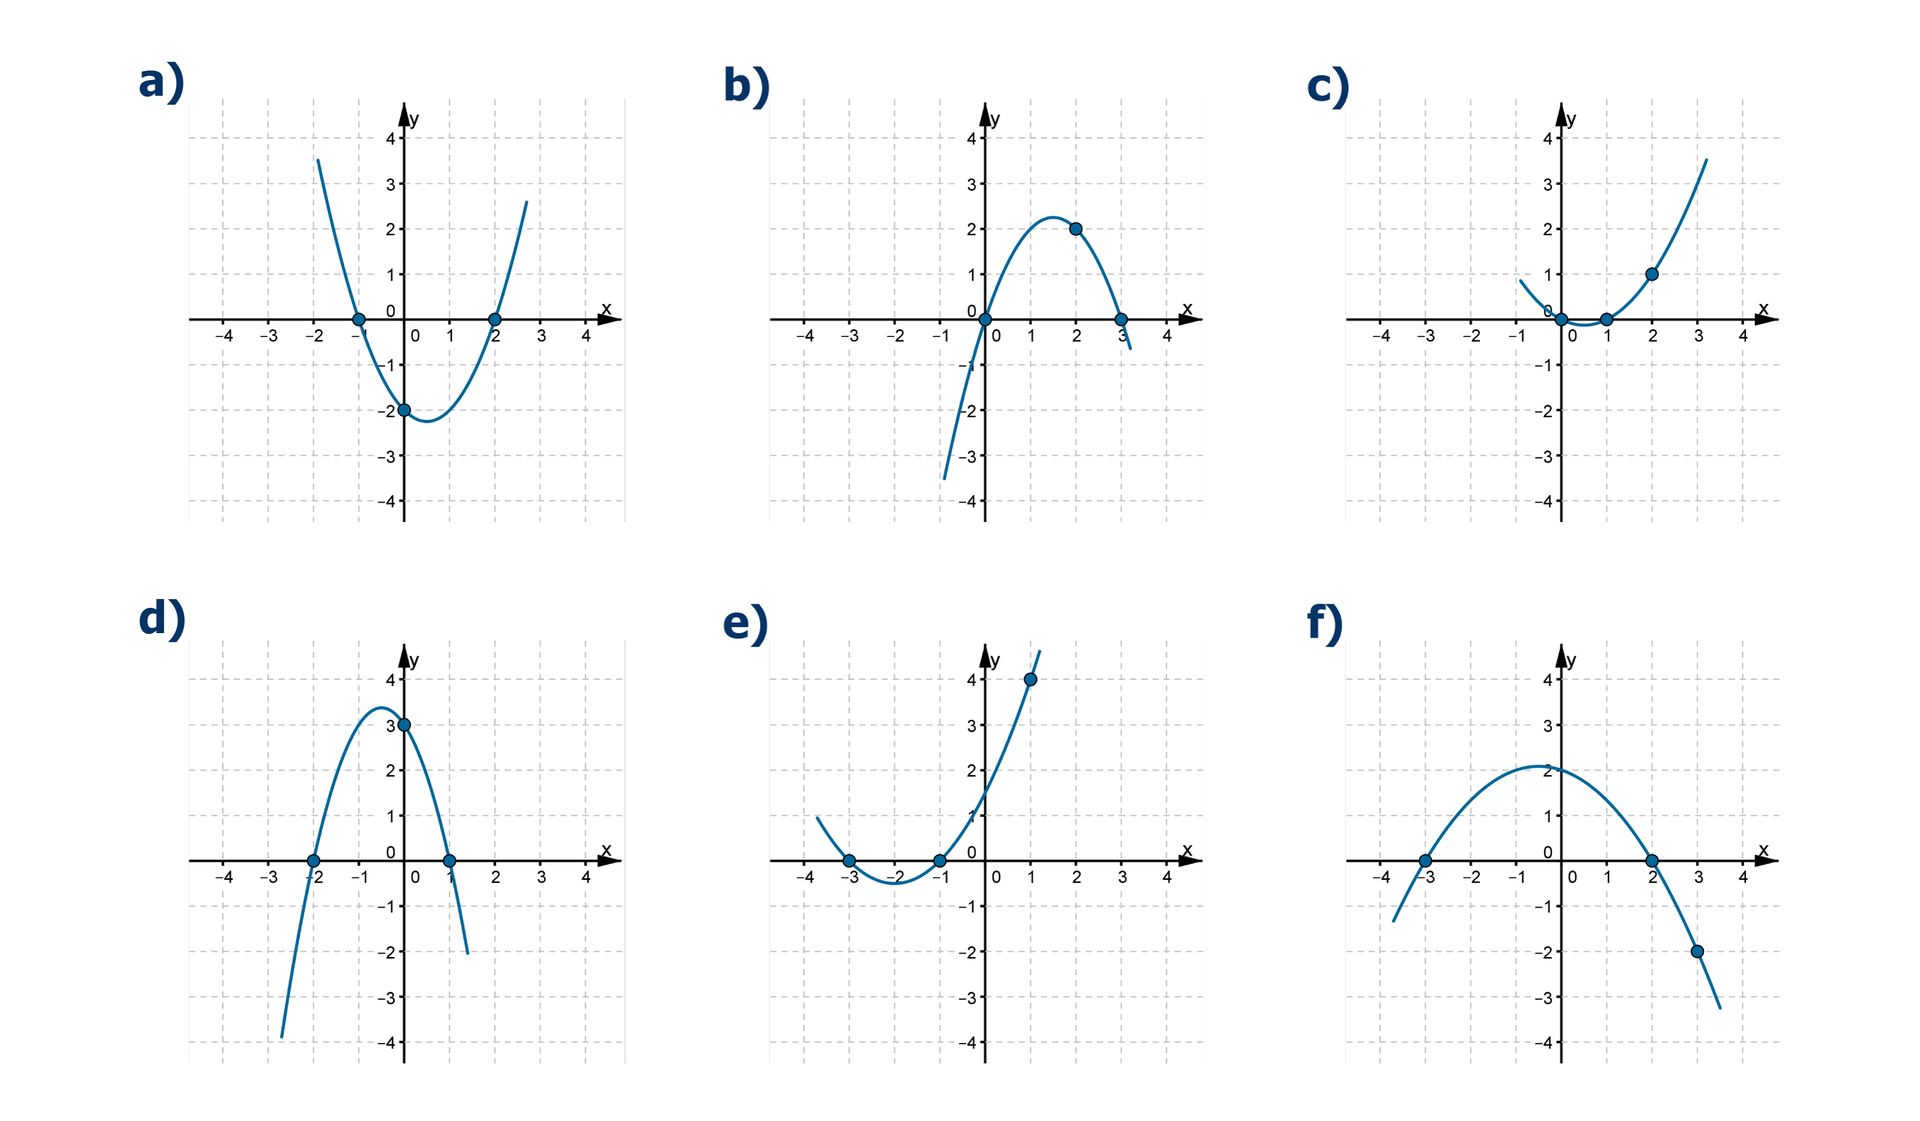 Wykresy sześciu różnych funkcji kwadratowych Na pierwszym wykresie parabola ma miejsca zerowe x=-1 ix=2. Do wykresu należy punkt owspółrzędnych (0, -2). Na drugim wykresie parabola ma miejsca zerowe x=0 ix=3. Do wykresu należy punkt owspółrzędnych (2, 2). Na trzecim wykresie parabola ma miejsca zerowe x=0 ix=1. Do wykresu należy punkt owspółrzędnych (2, 1). Na czwartym wykresie parabola ma miejsca zerowe x=2 ix=1. Do wykresu należy punkt owspółrzędnych (0, 3). Na piątym wykresie parabola ma miejsca zerowe x=-3 ix=-1. Do wykresu należy punkt owspółrzędnych (1, 4). Na szóstym wykresie parabola ma miejsca zerowe x=-3 ix=2. Do wykresu należy punkt owspółrzędnych (3, -2).